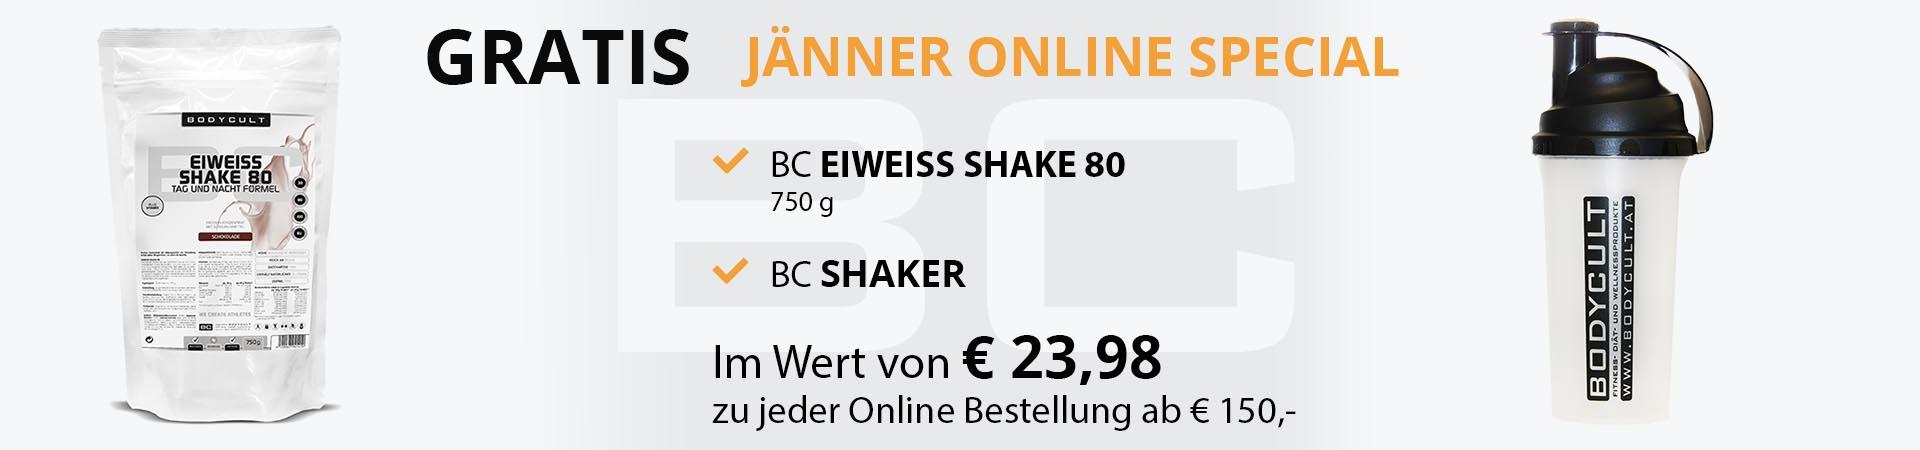 Jänner Online Special